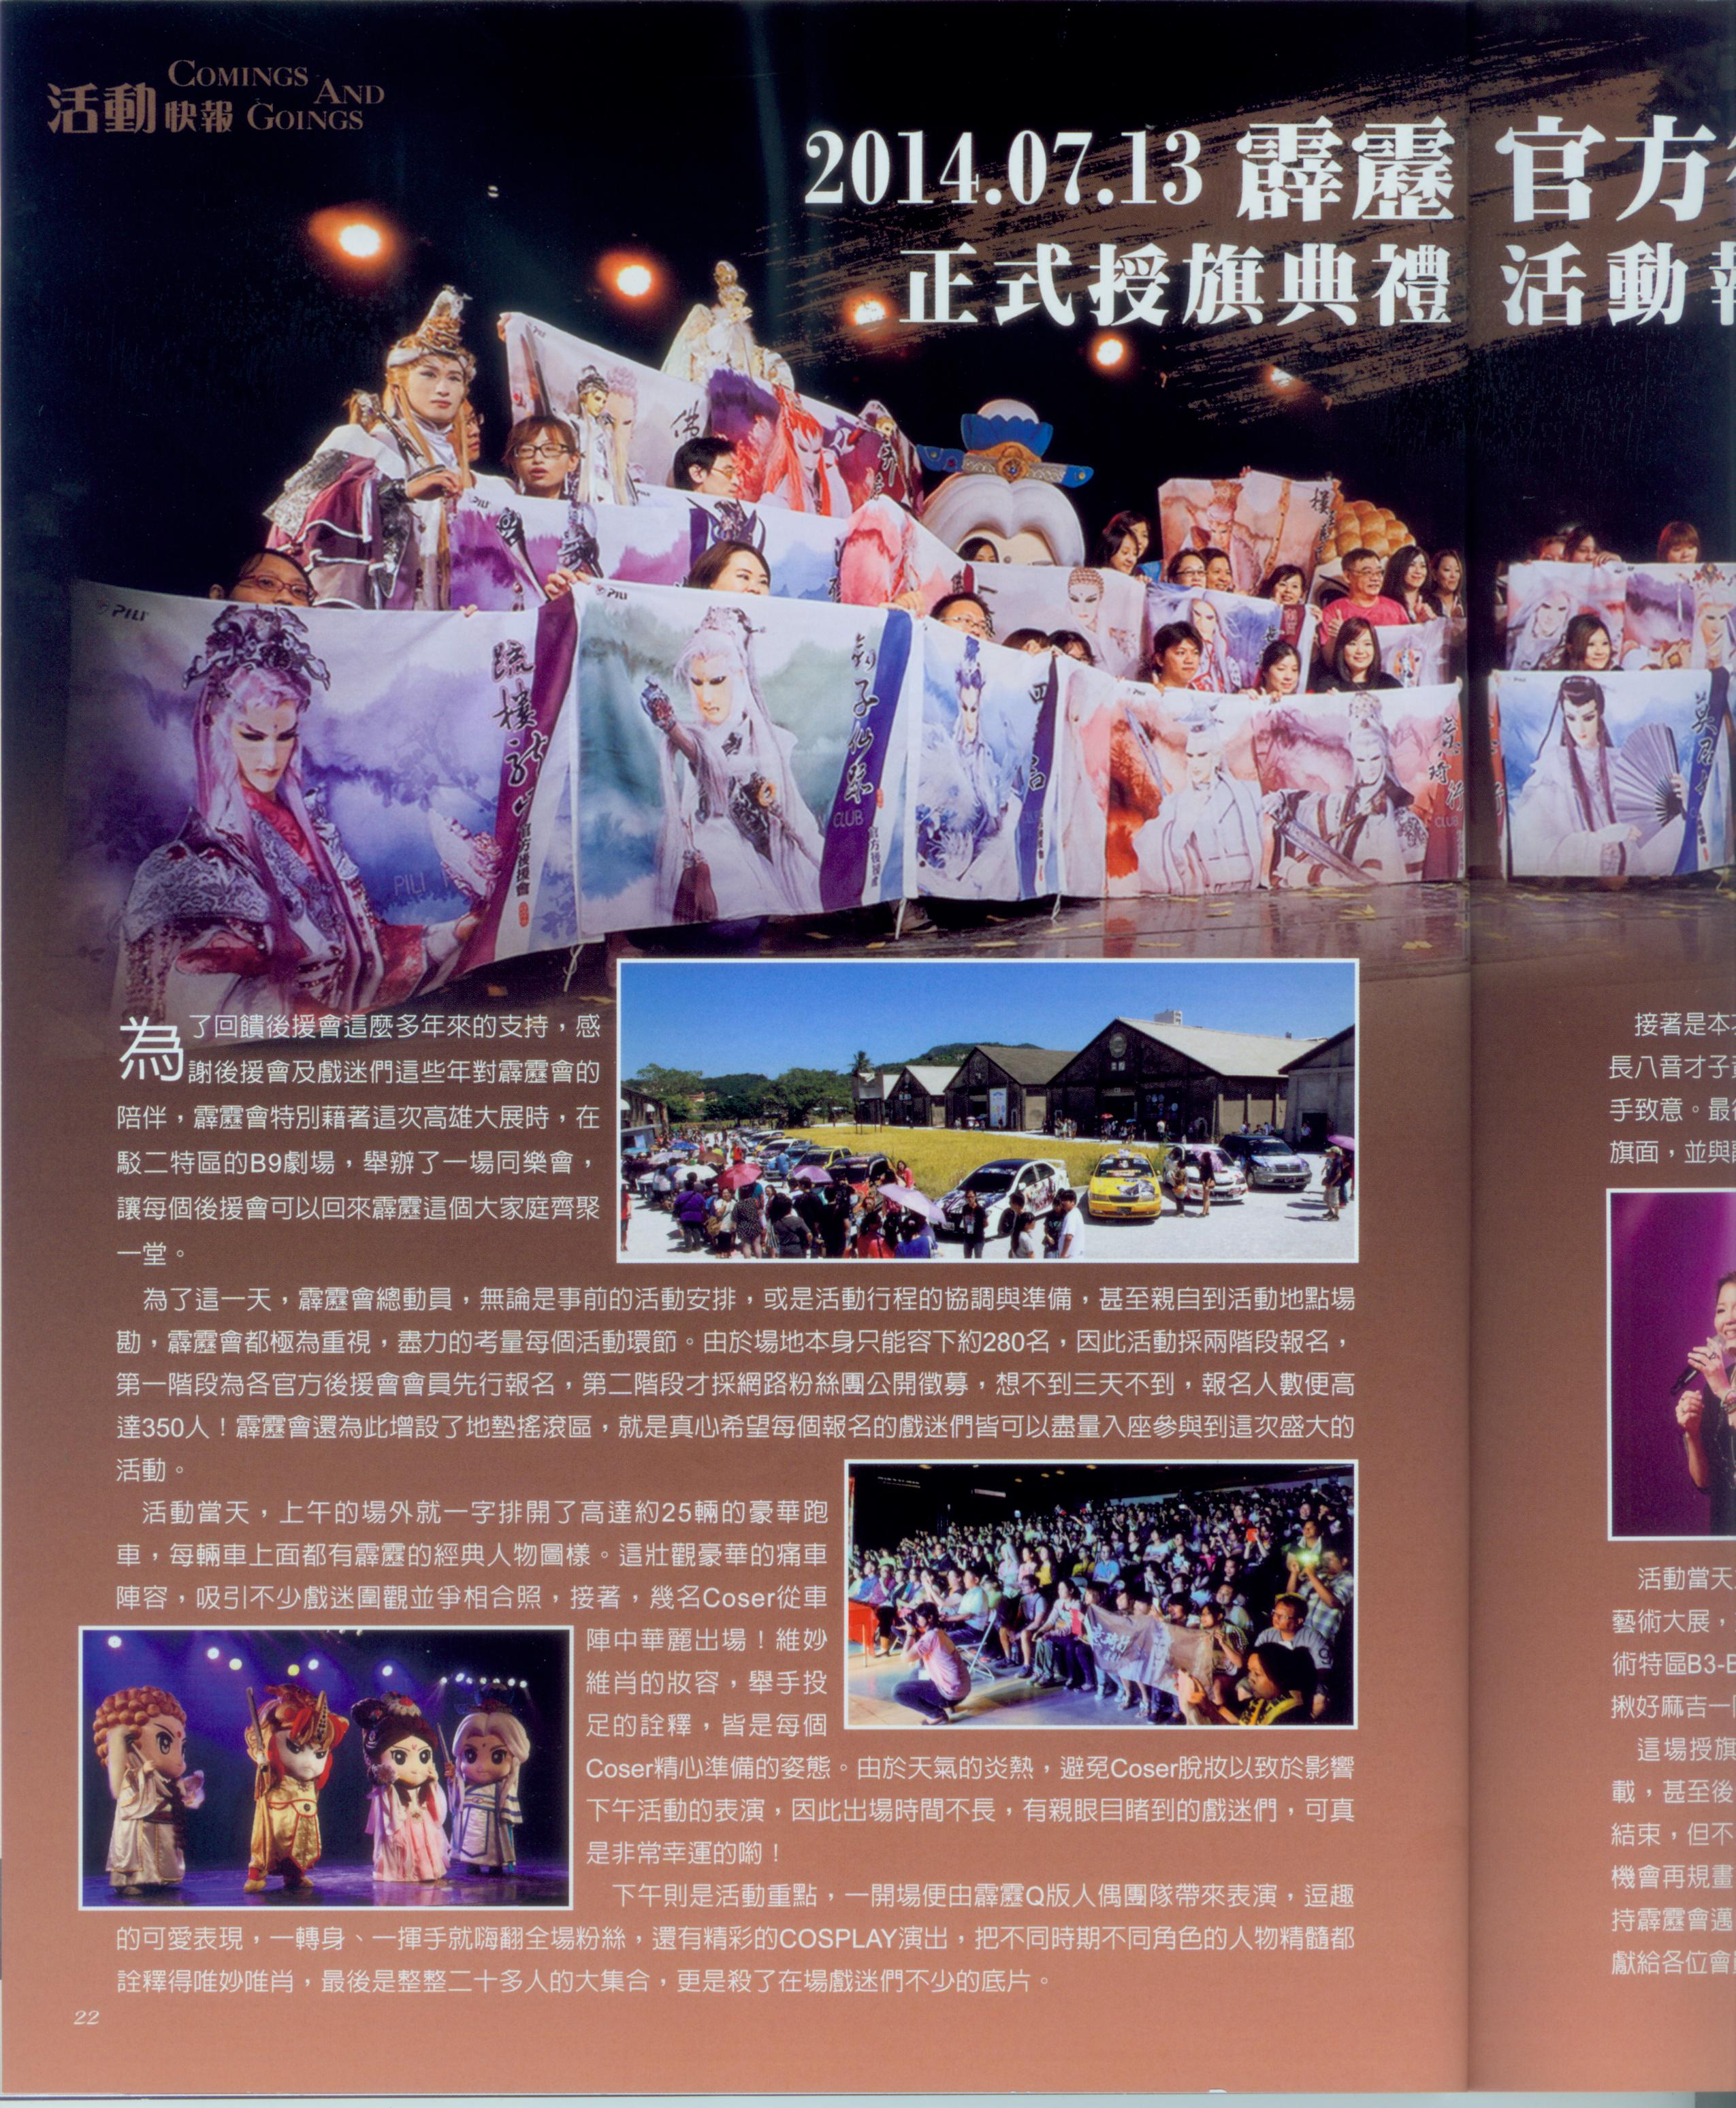 【霹雳会刊】 原画素材 设定资料784p56_CG窝